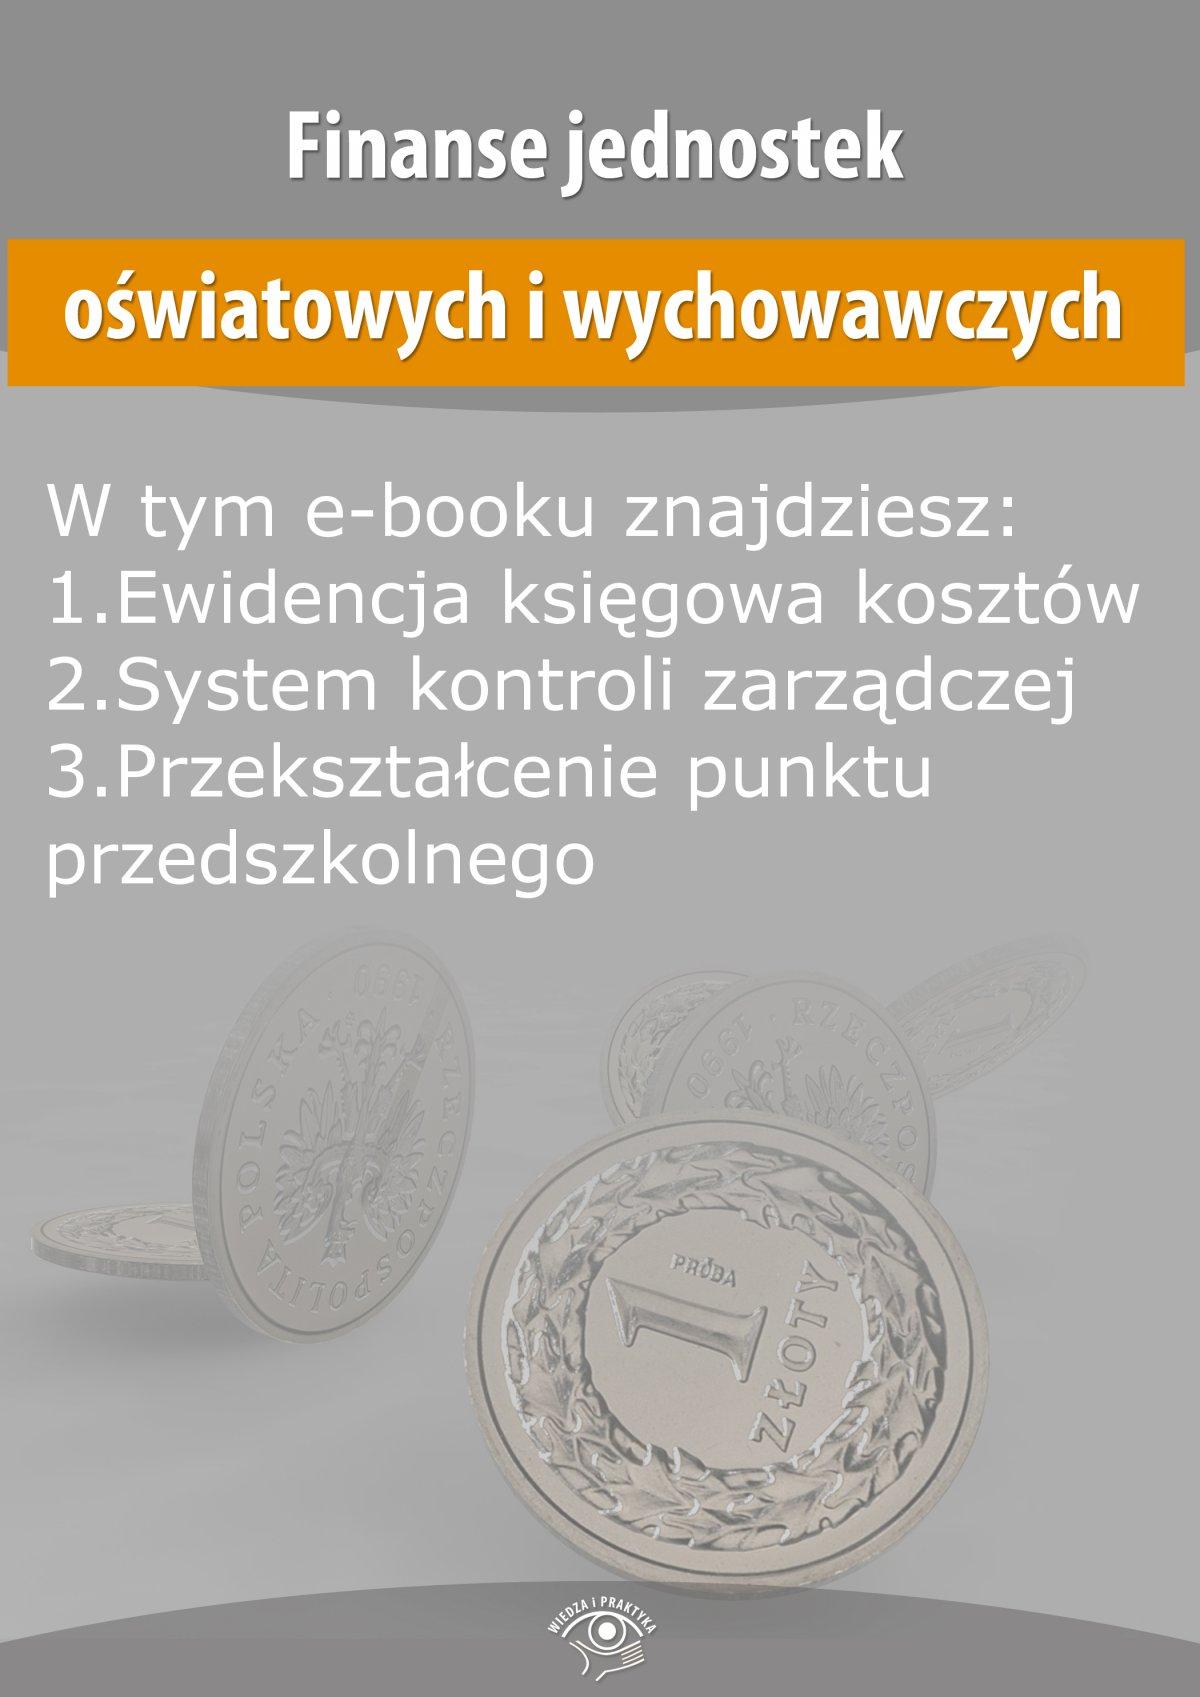 Finanse jednostek oświatowych i wychowawczych, wydanie lipiec-sierpień 2015 r. - Ebook (Książka EPUB) do pobrania w formacie EPUB